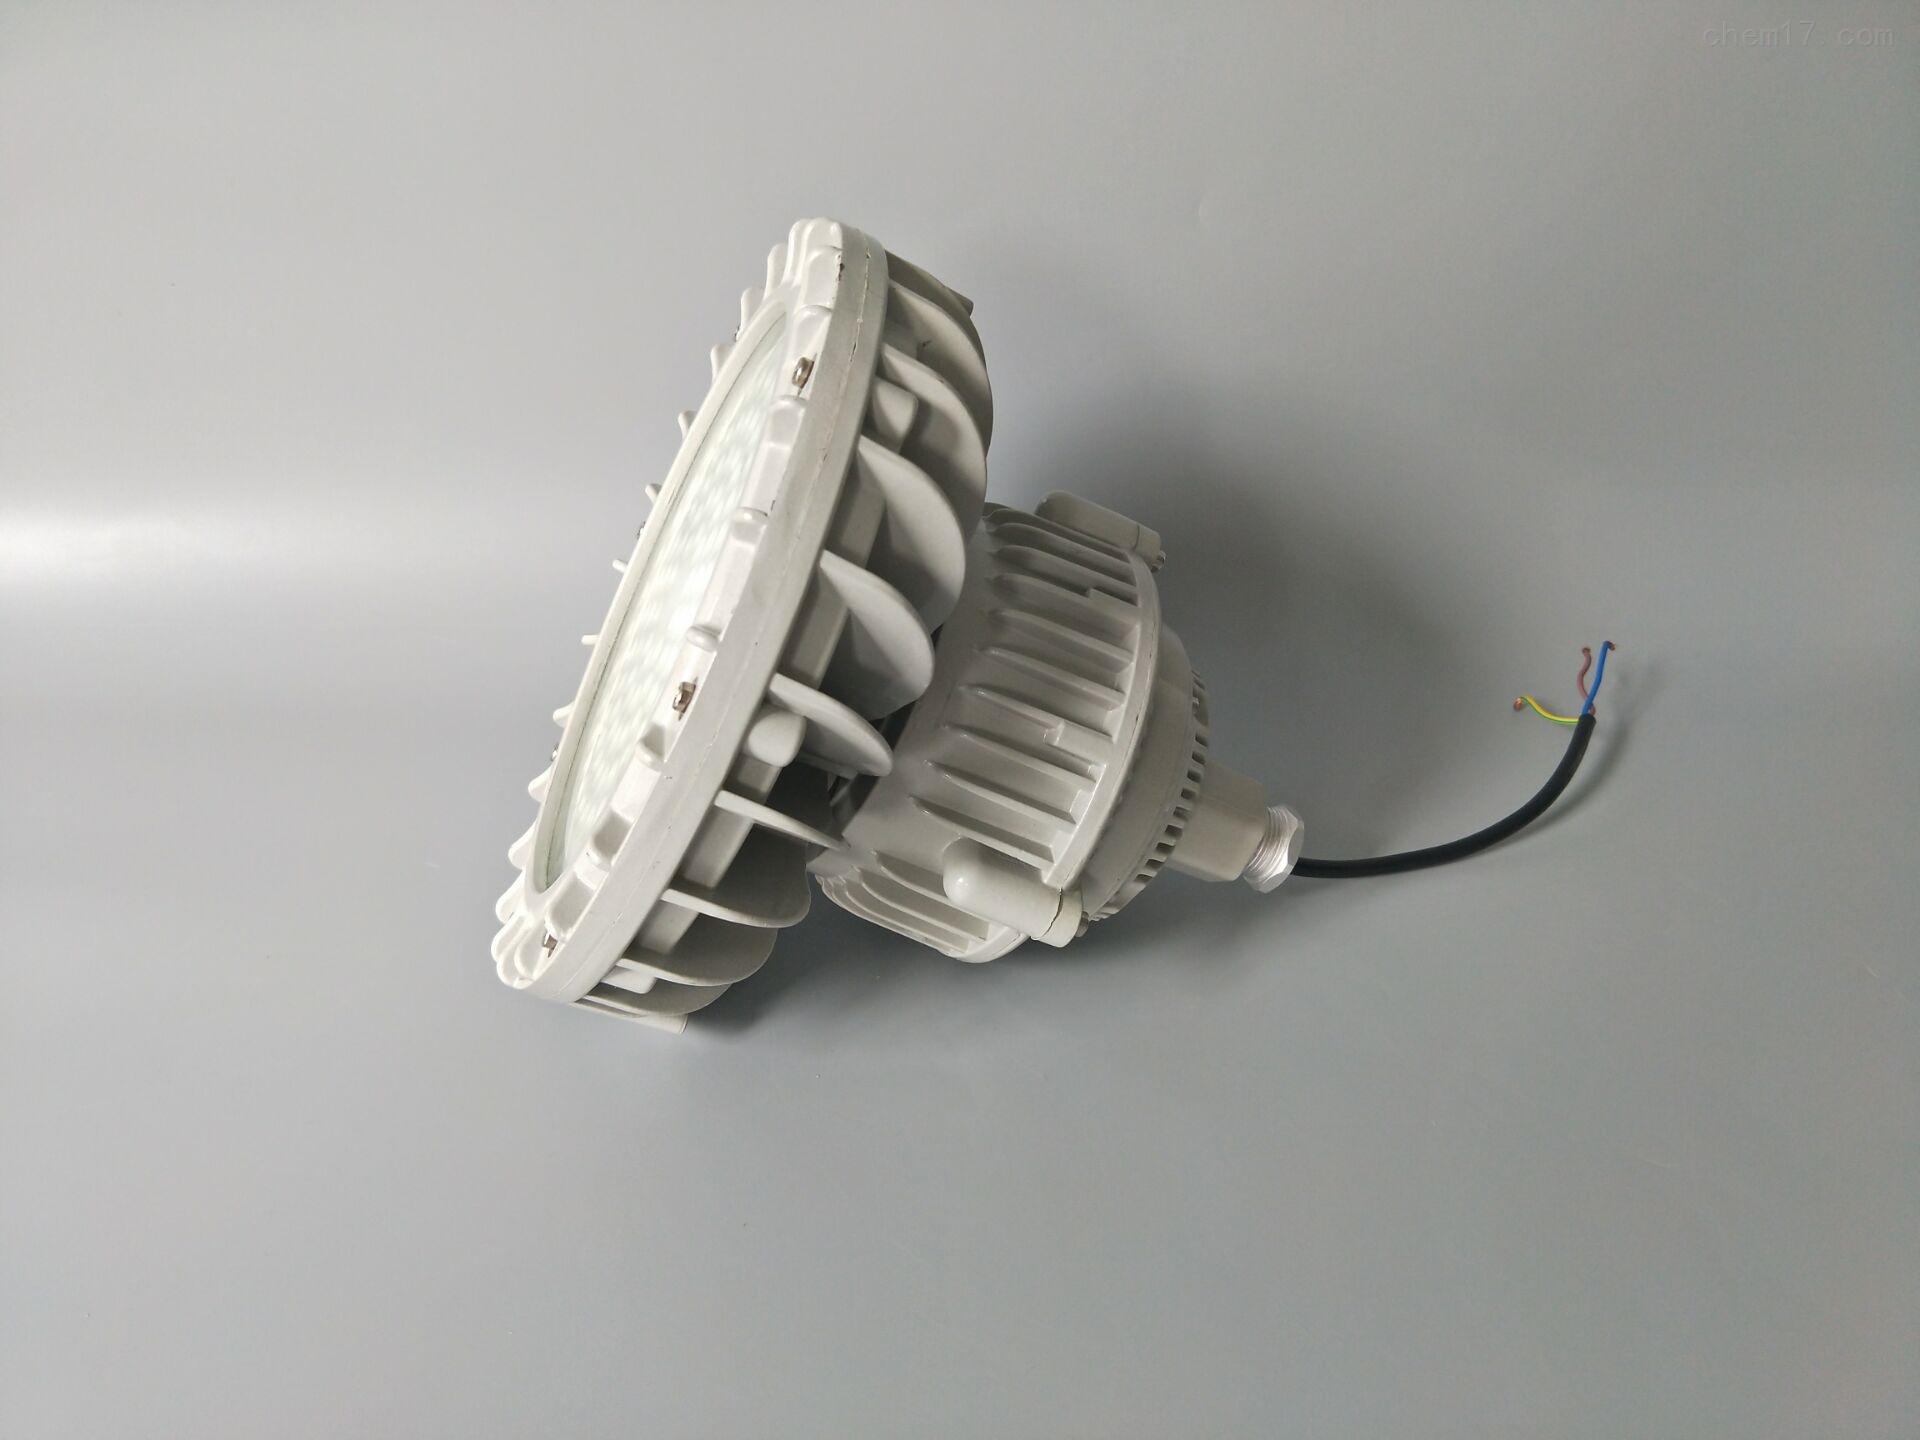 件中心温度较高,不得; 4,必须使用本公司配备的电器; 5,更换光源时